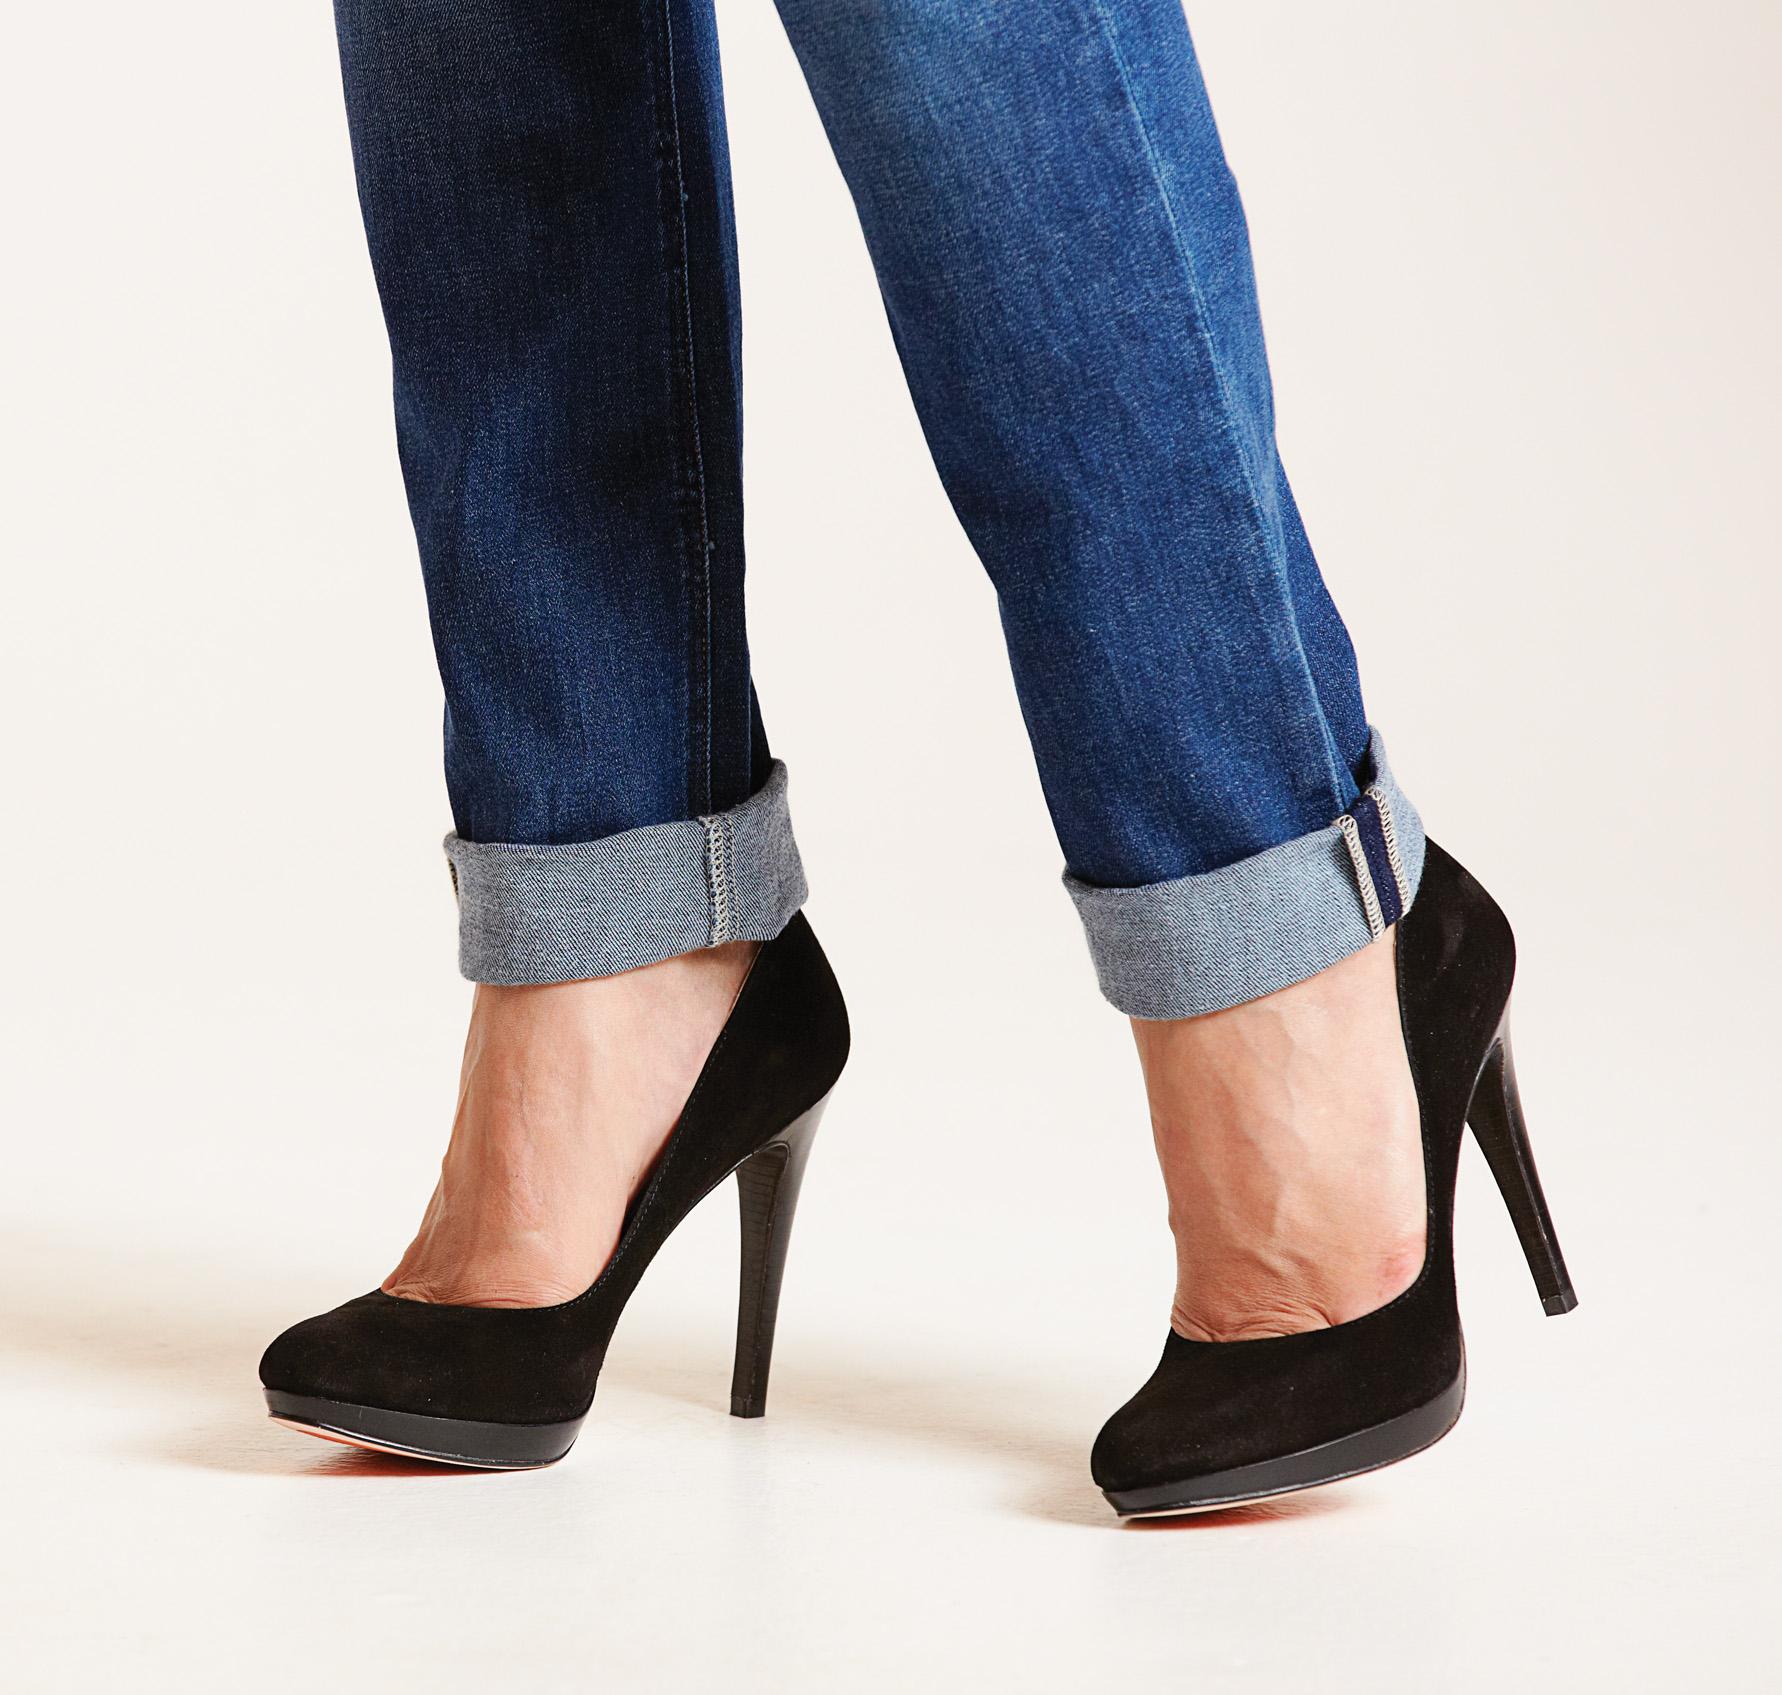 Jeans-Black-high-heels-Jan-13-p44